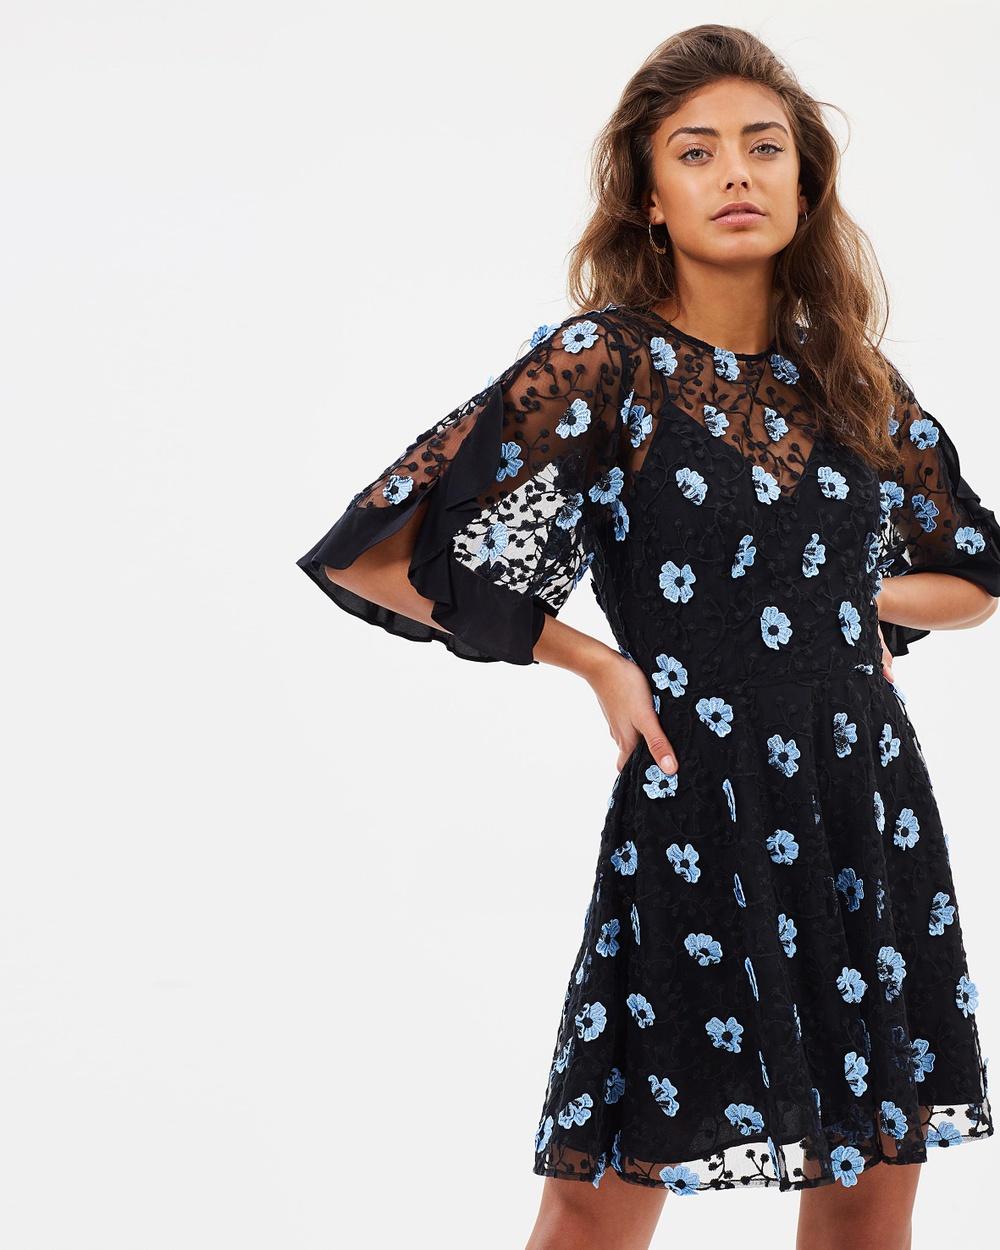 Talulah Crave You Mini Dress Dresses Stone Blue 3D Floral Crave You Mini Dress